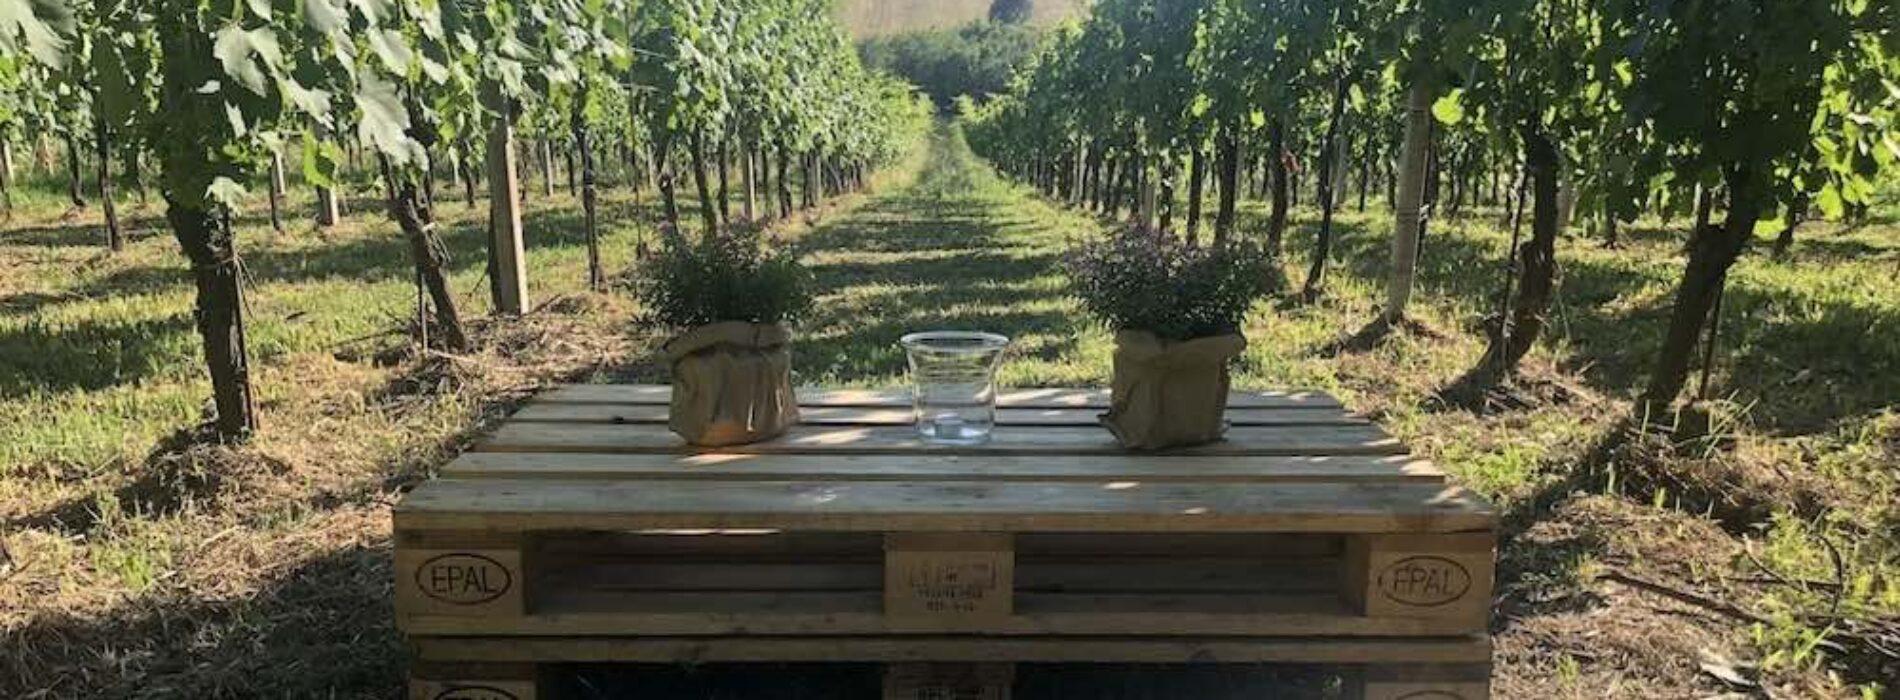 Aperitivo in vigna ai Castelli Romani: fuga bucolica tra i filari con vino locale e prodotti tipici